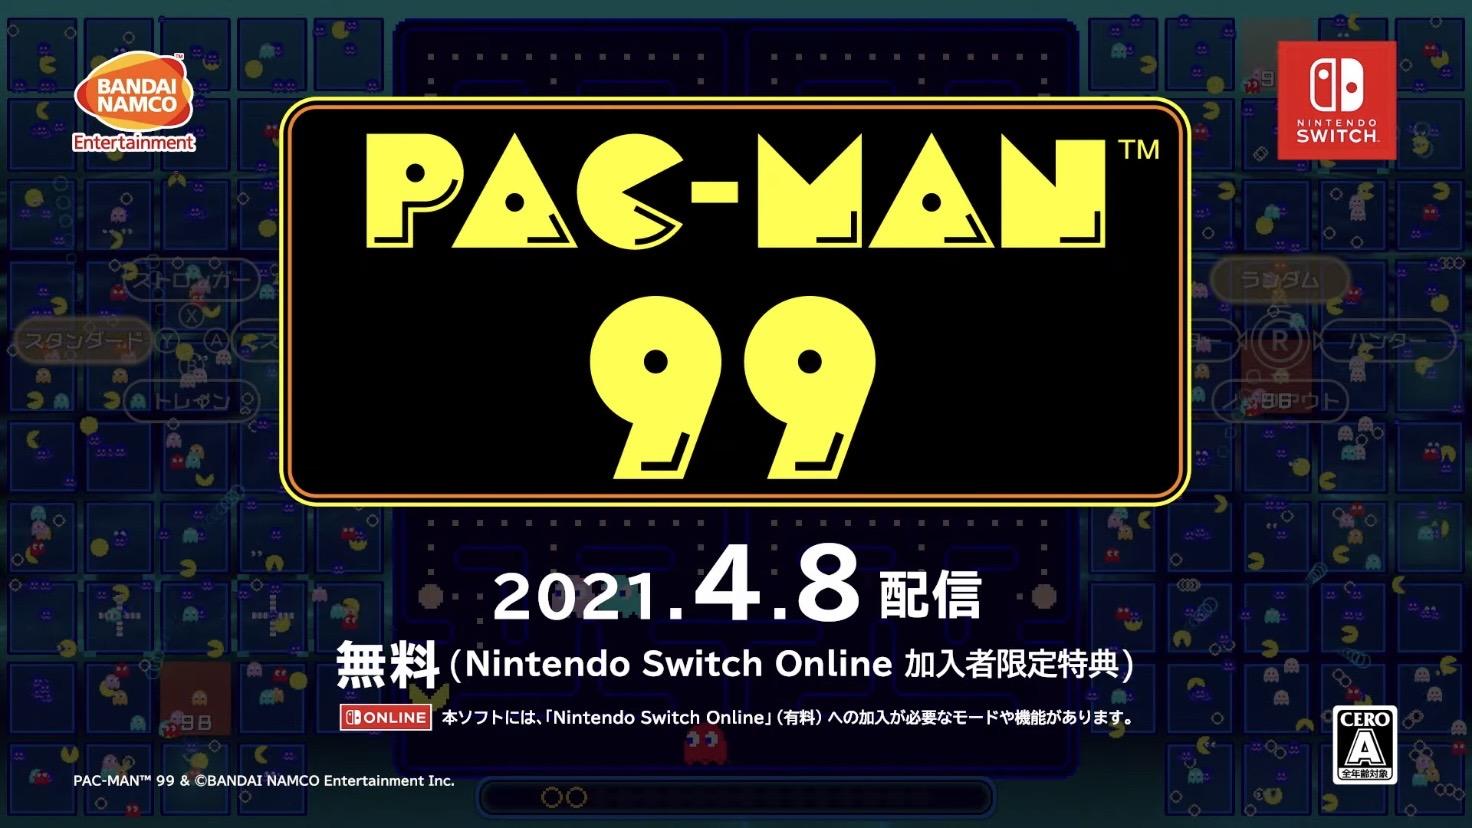 『パックマン99』がSwitchOnline加入者限定特典として4月8日に配信決定!